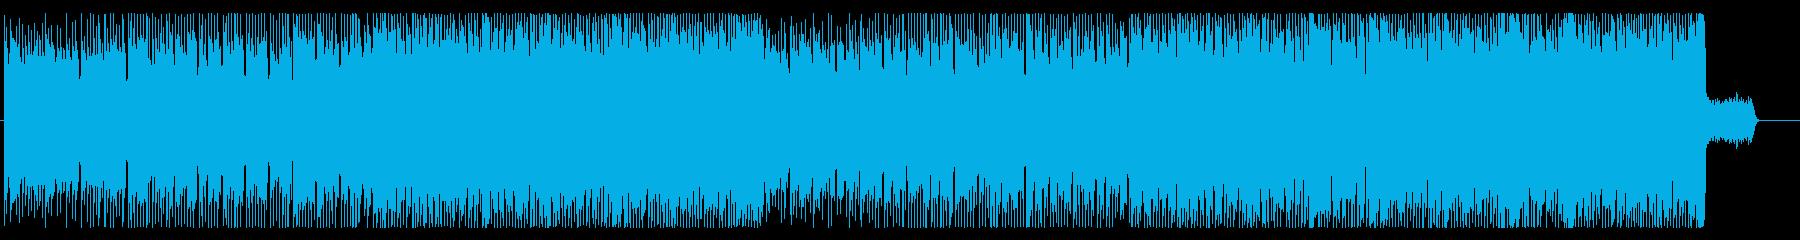 シリアス・考え事・会議・エレクトロの再生済みの波形